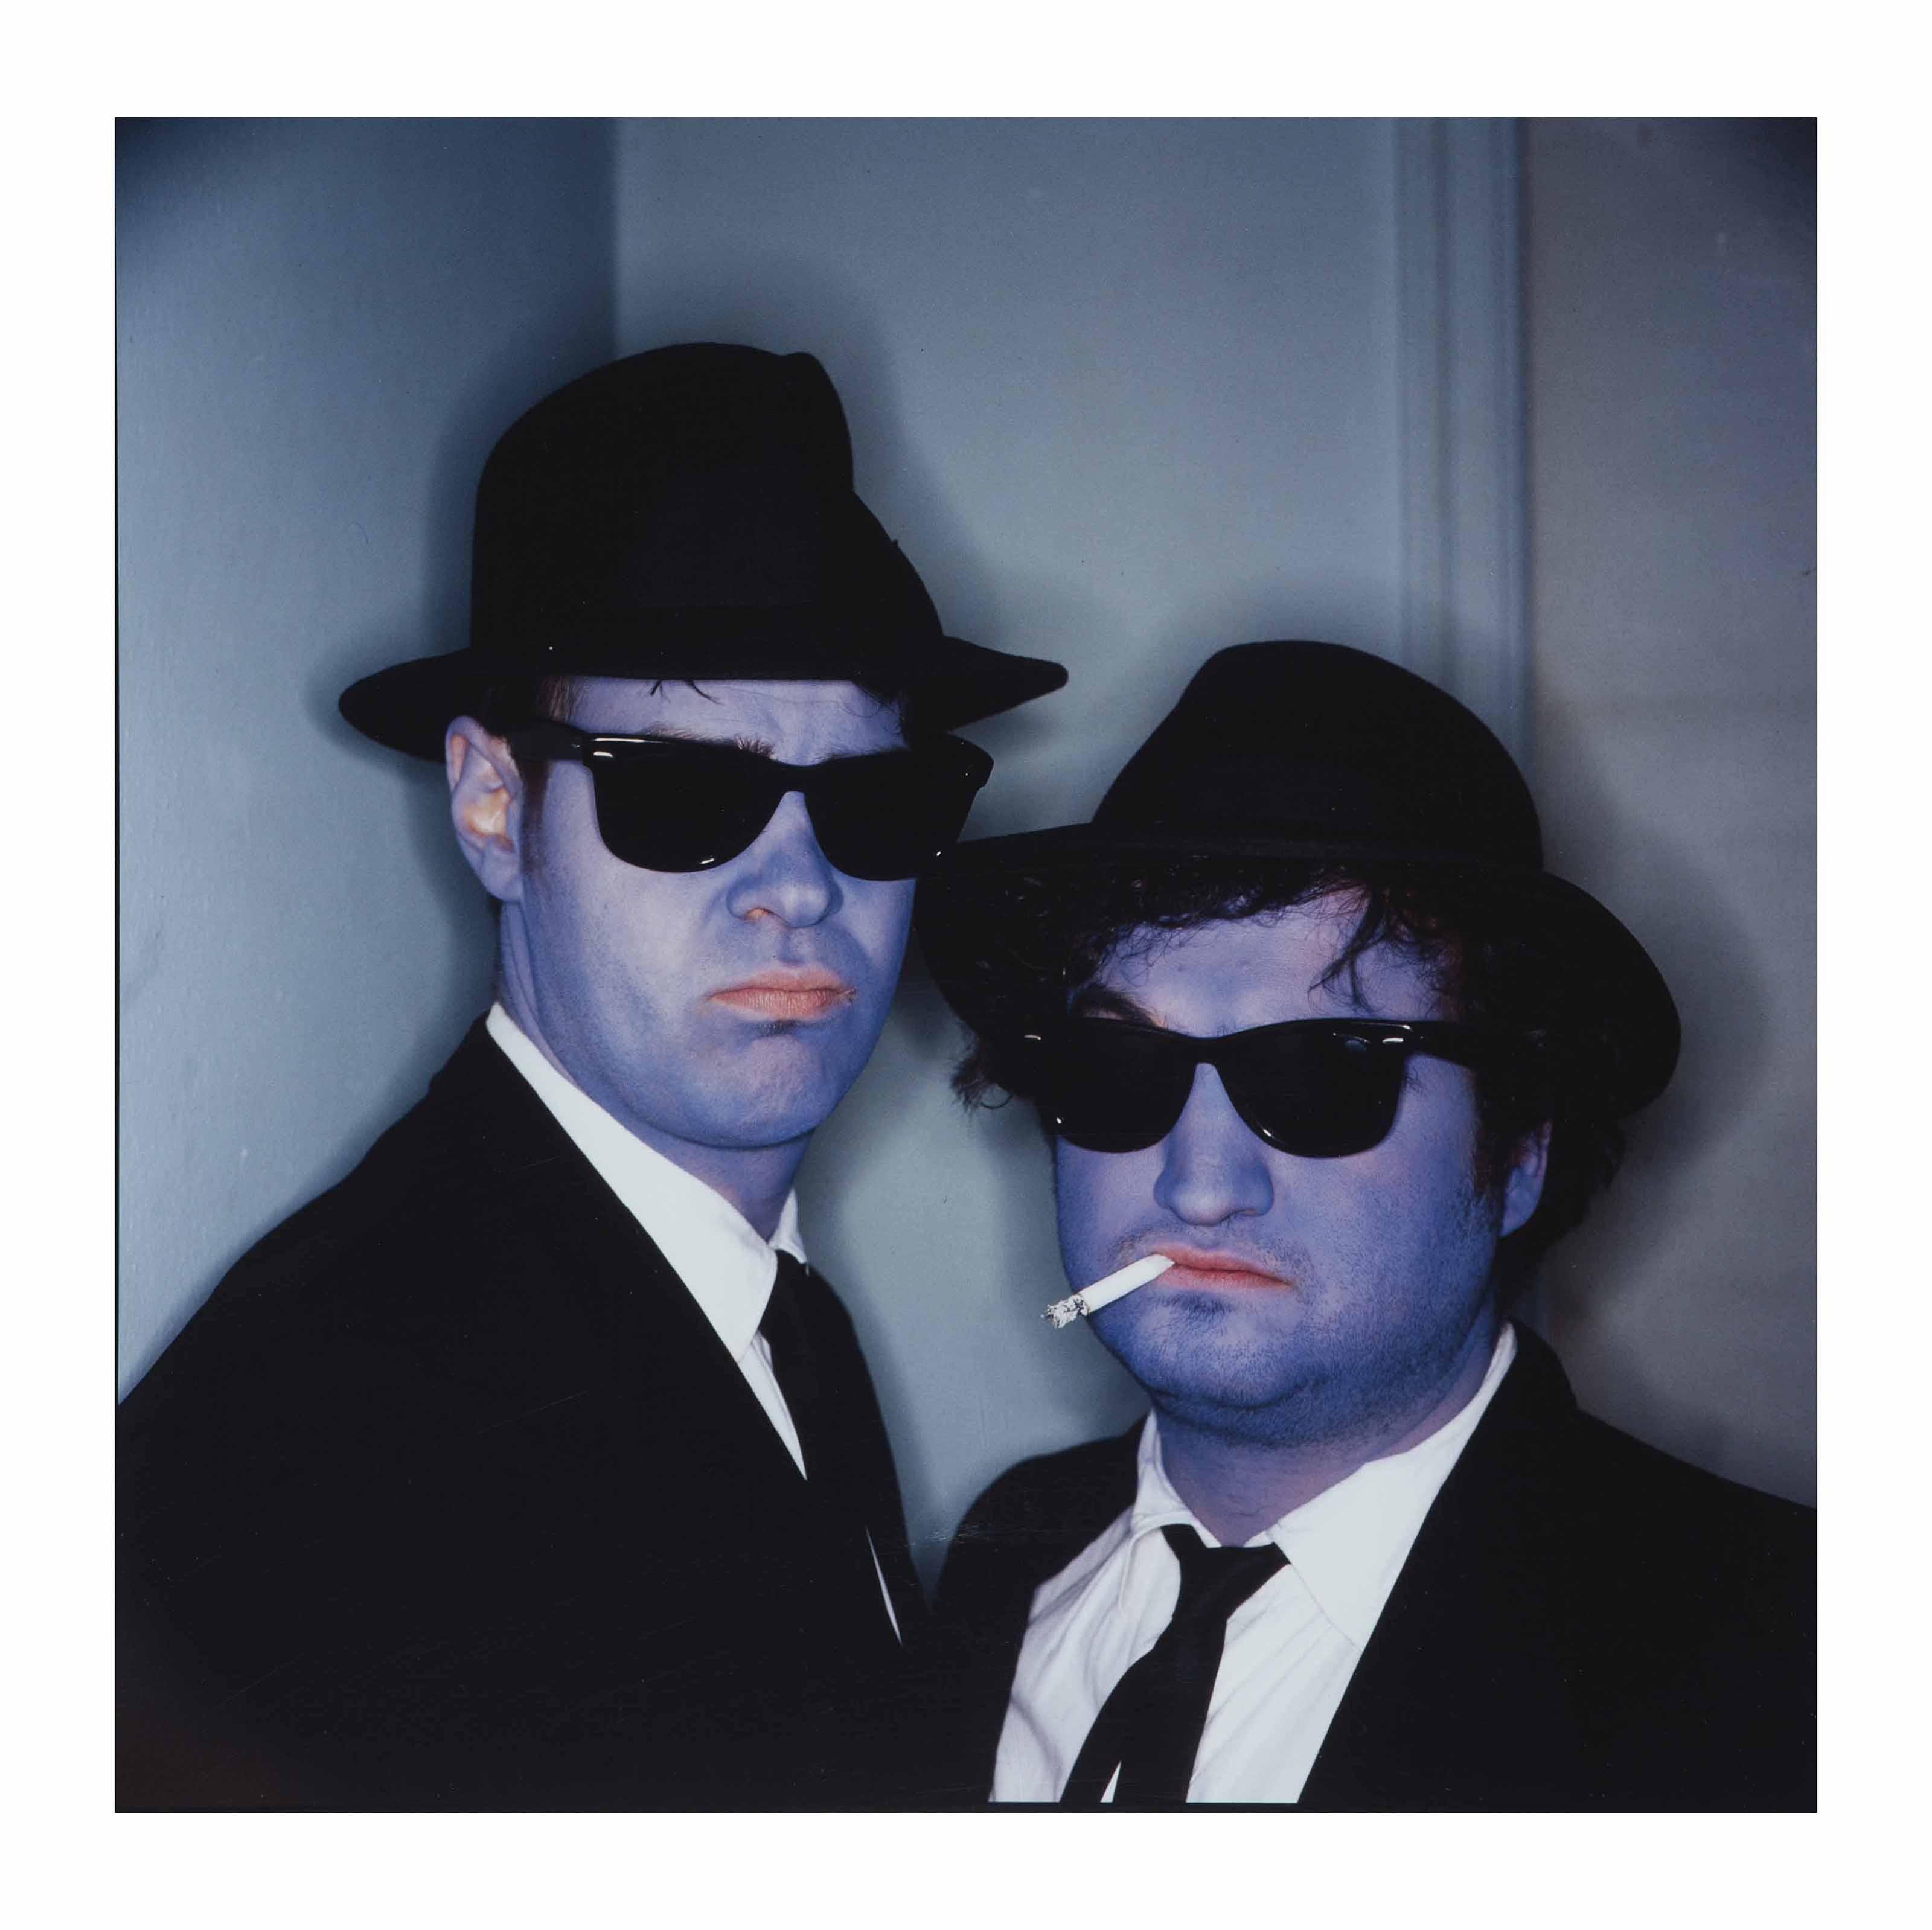 Dan Aykroyd and John Belushi (Blues Brothers), Hollywood, California, 1979